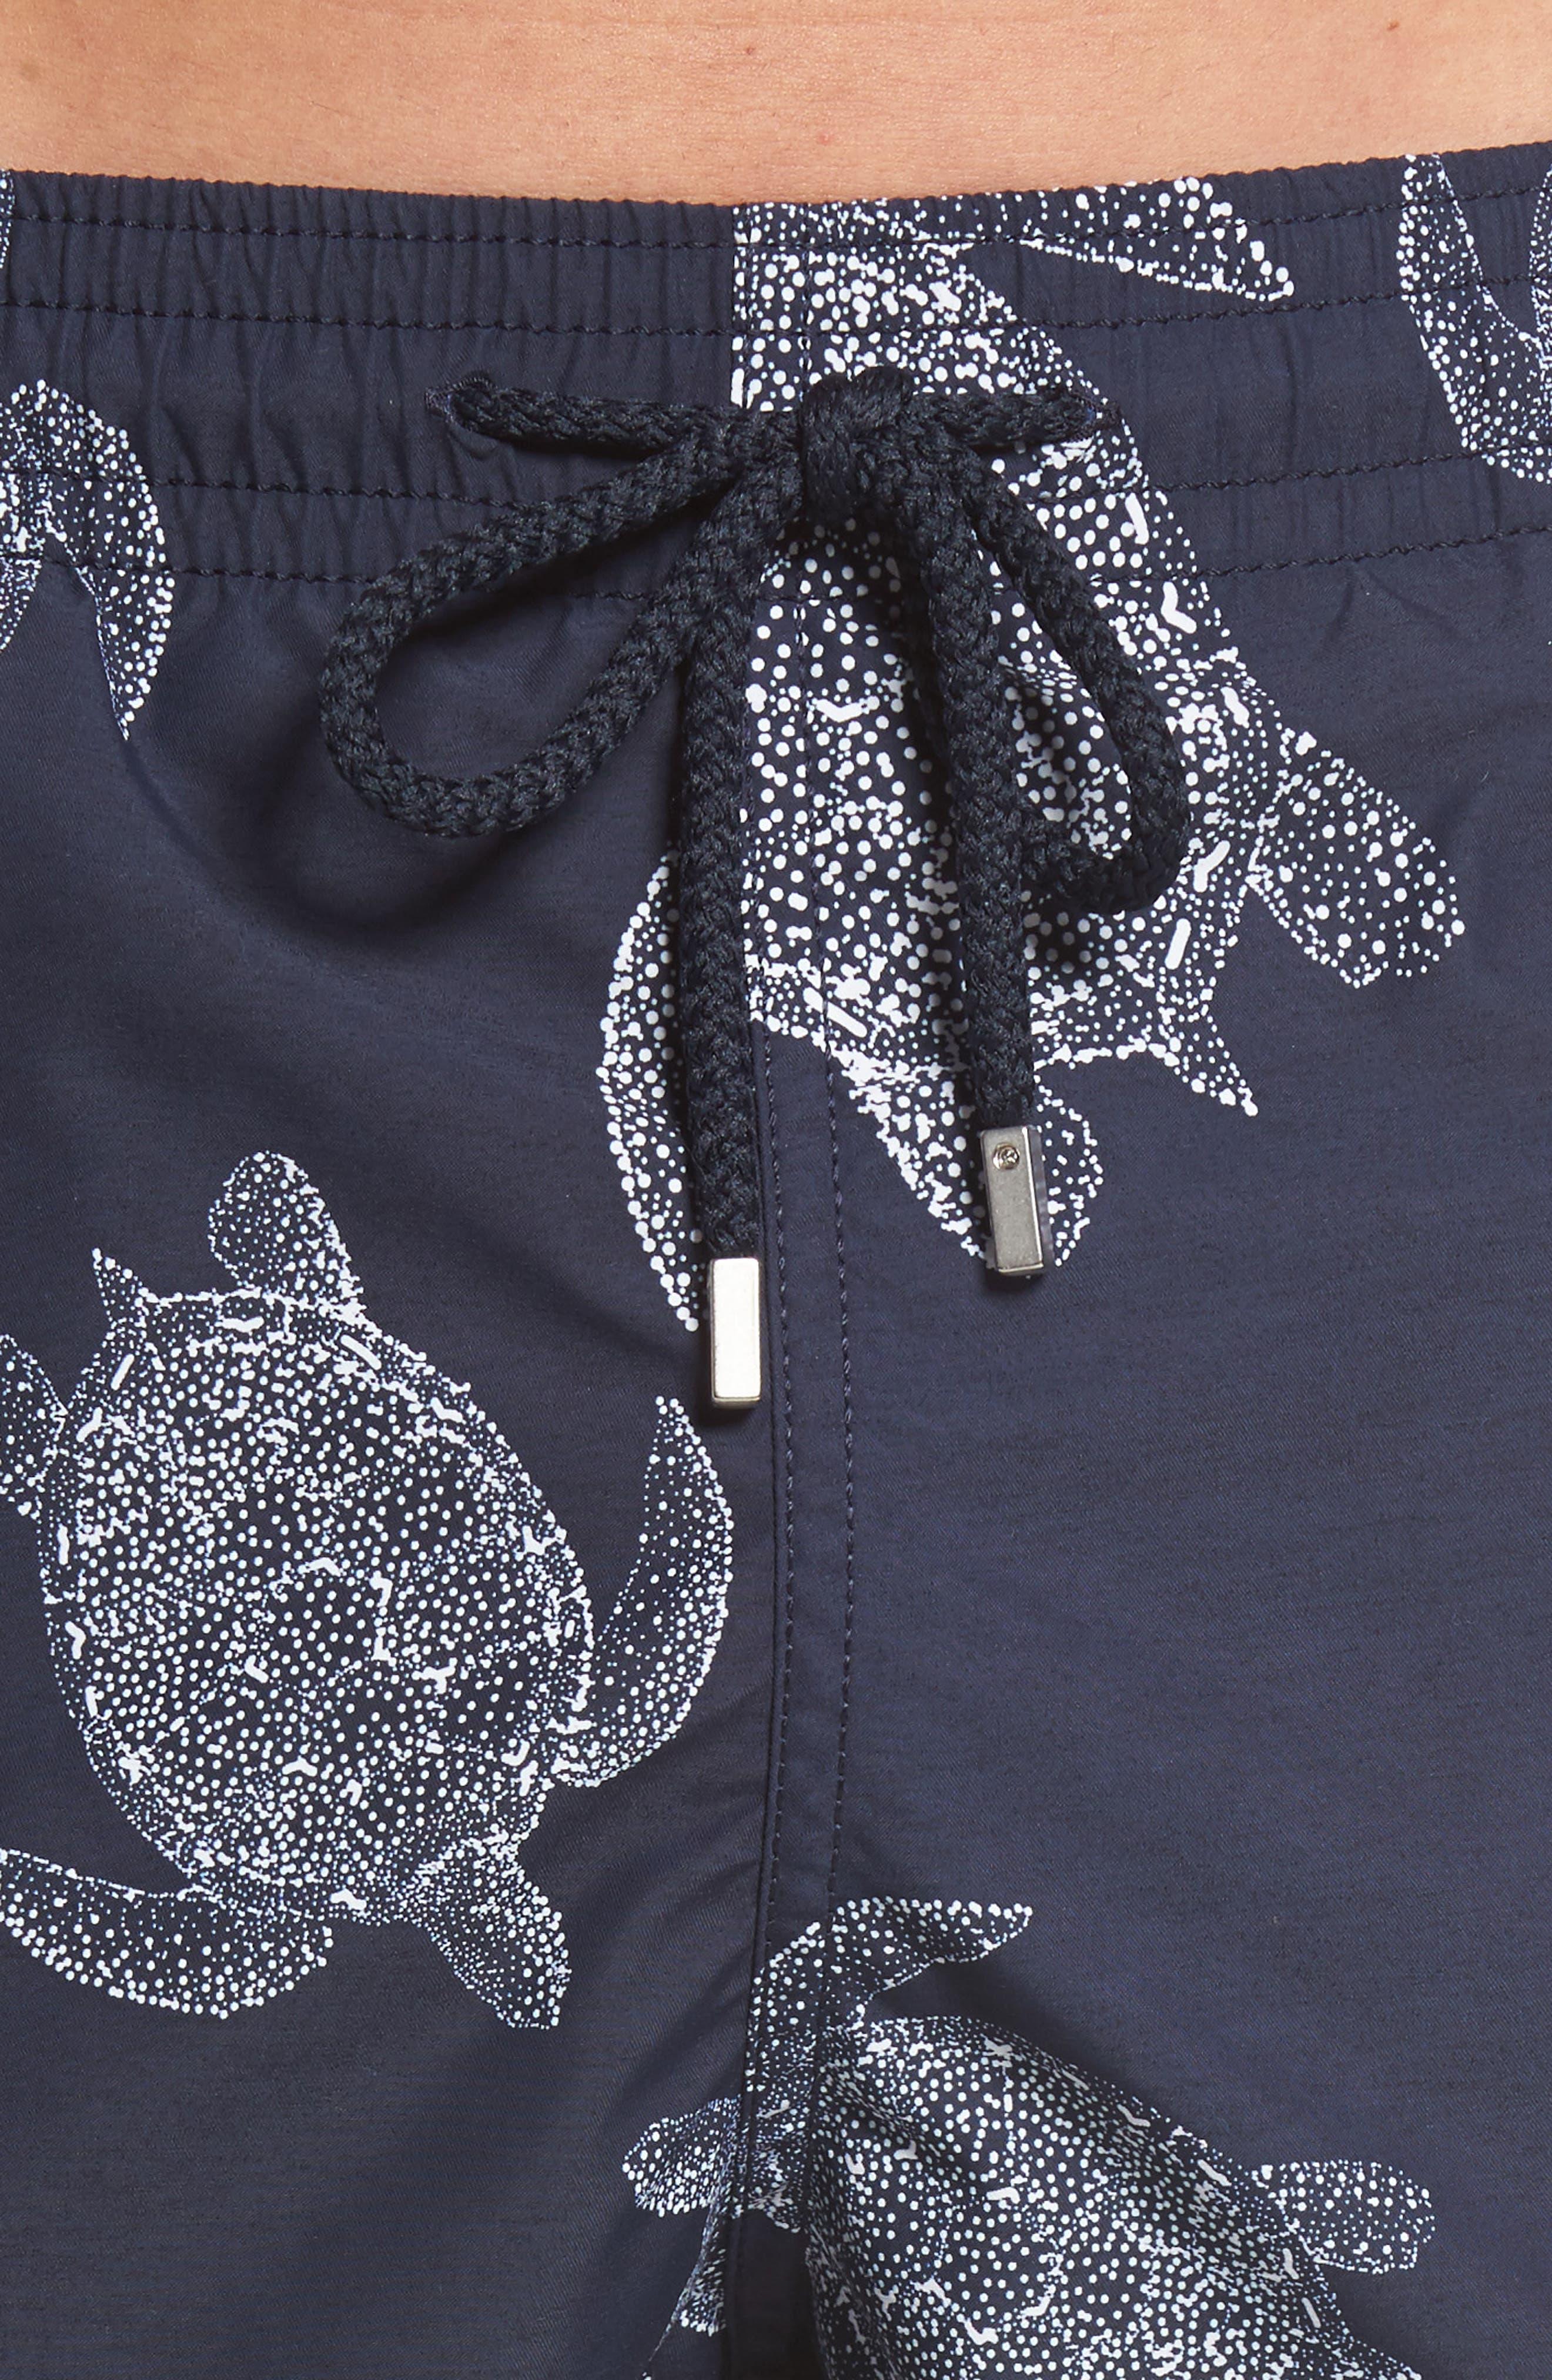 Moorea Sharkskin Turtles Print Swim Trunks,                             Alternate thumbnail 4, color,                             Navy Blue